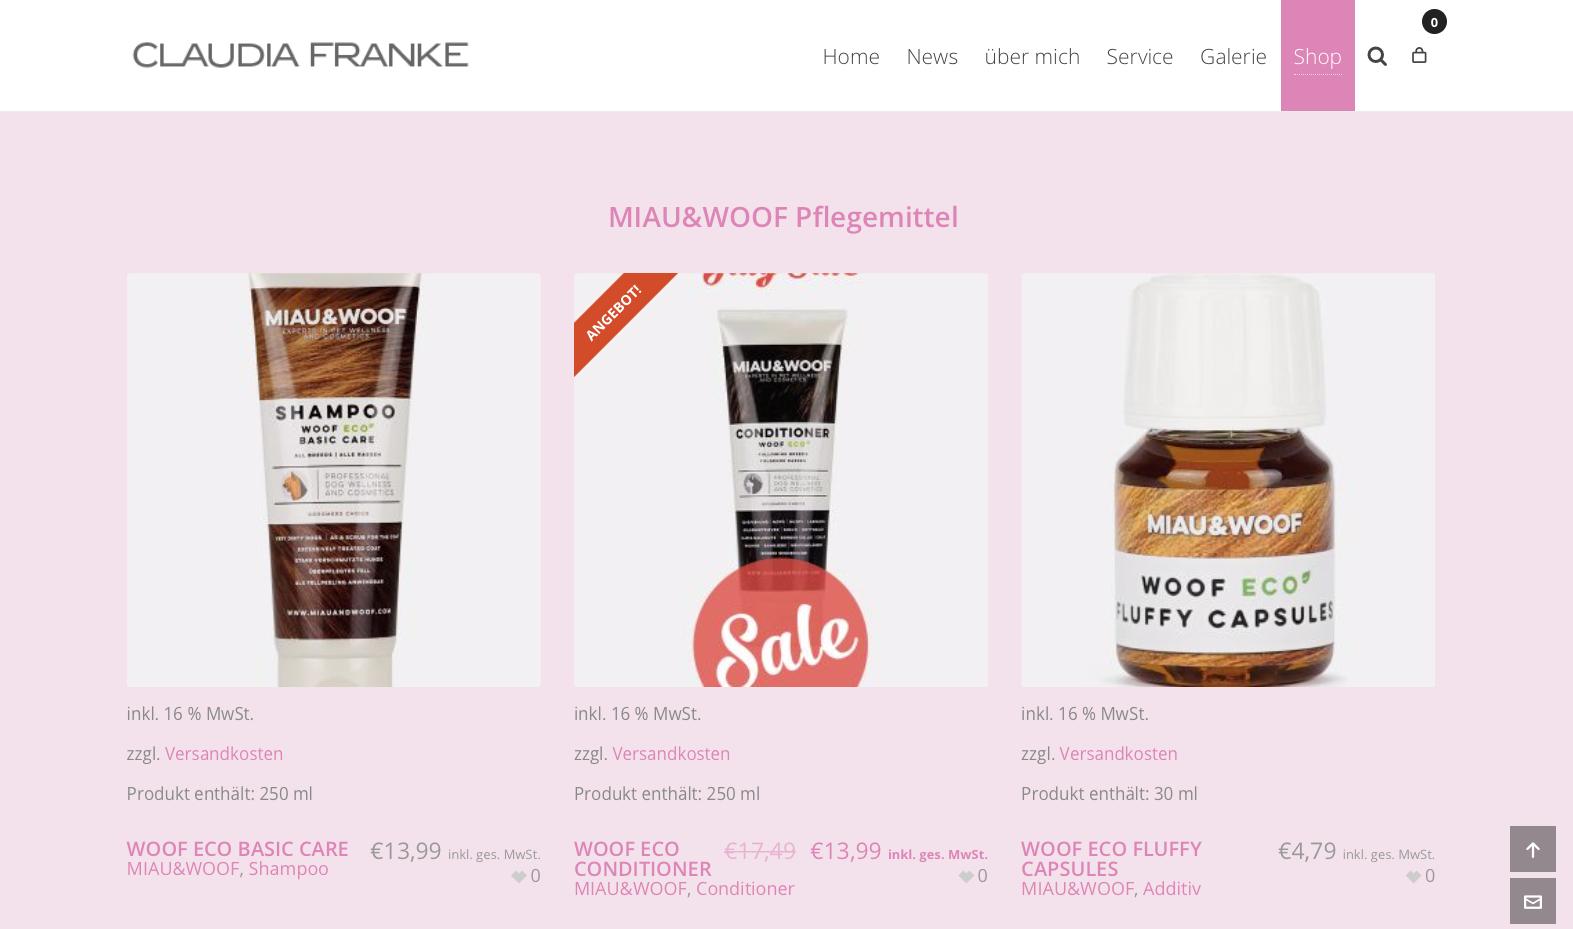 Miau&Woof Claudia Franke Onlineshop